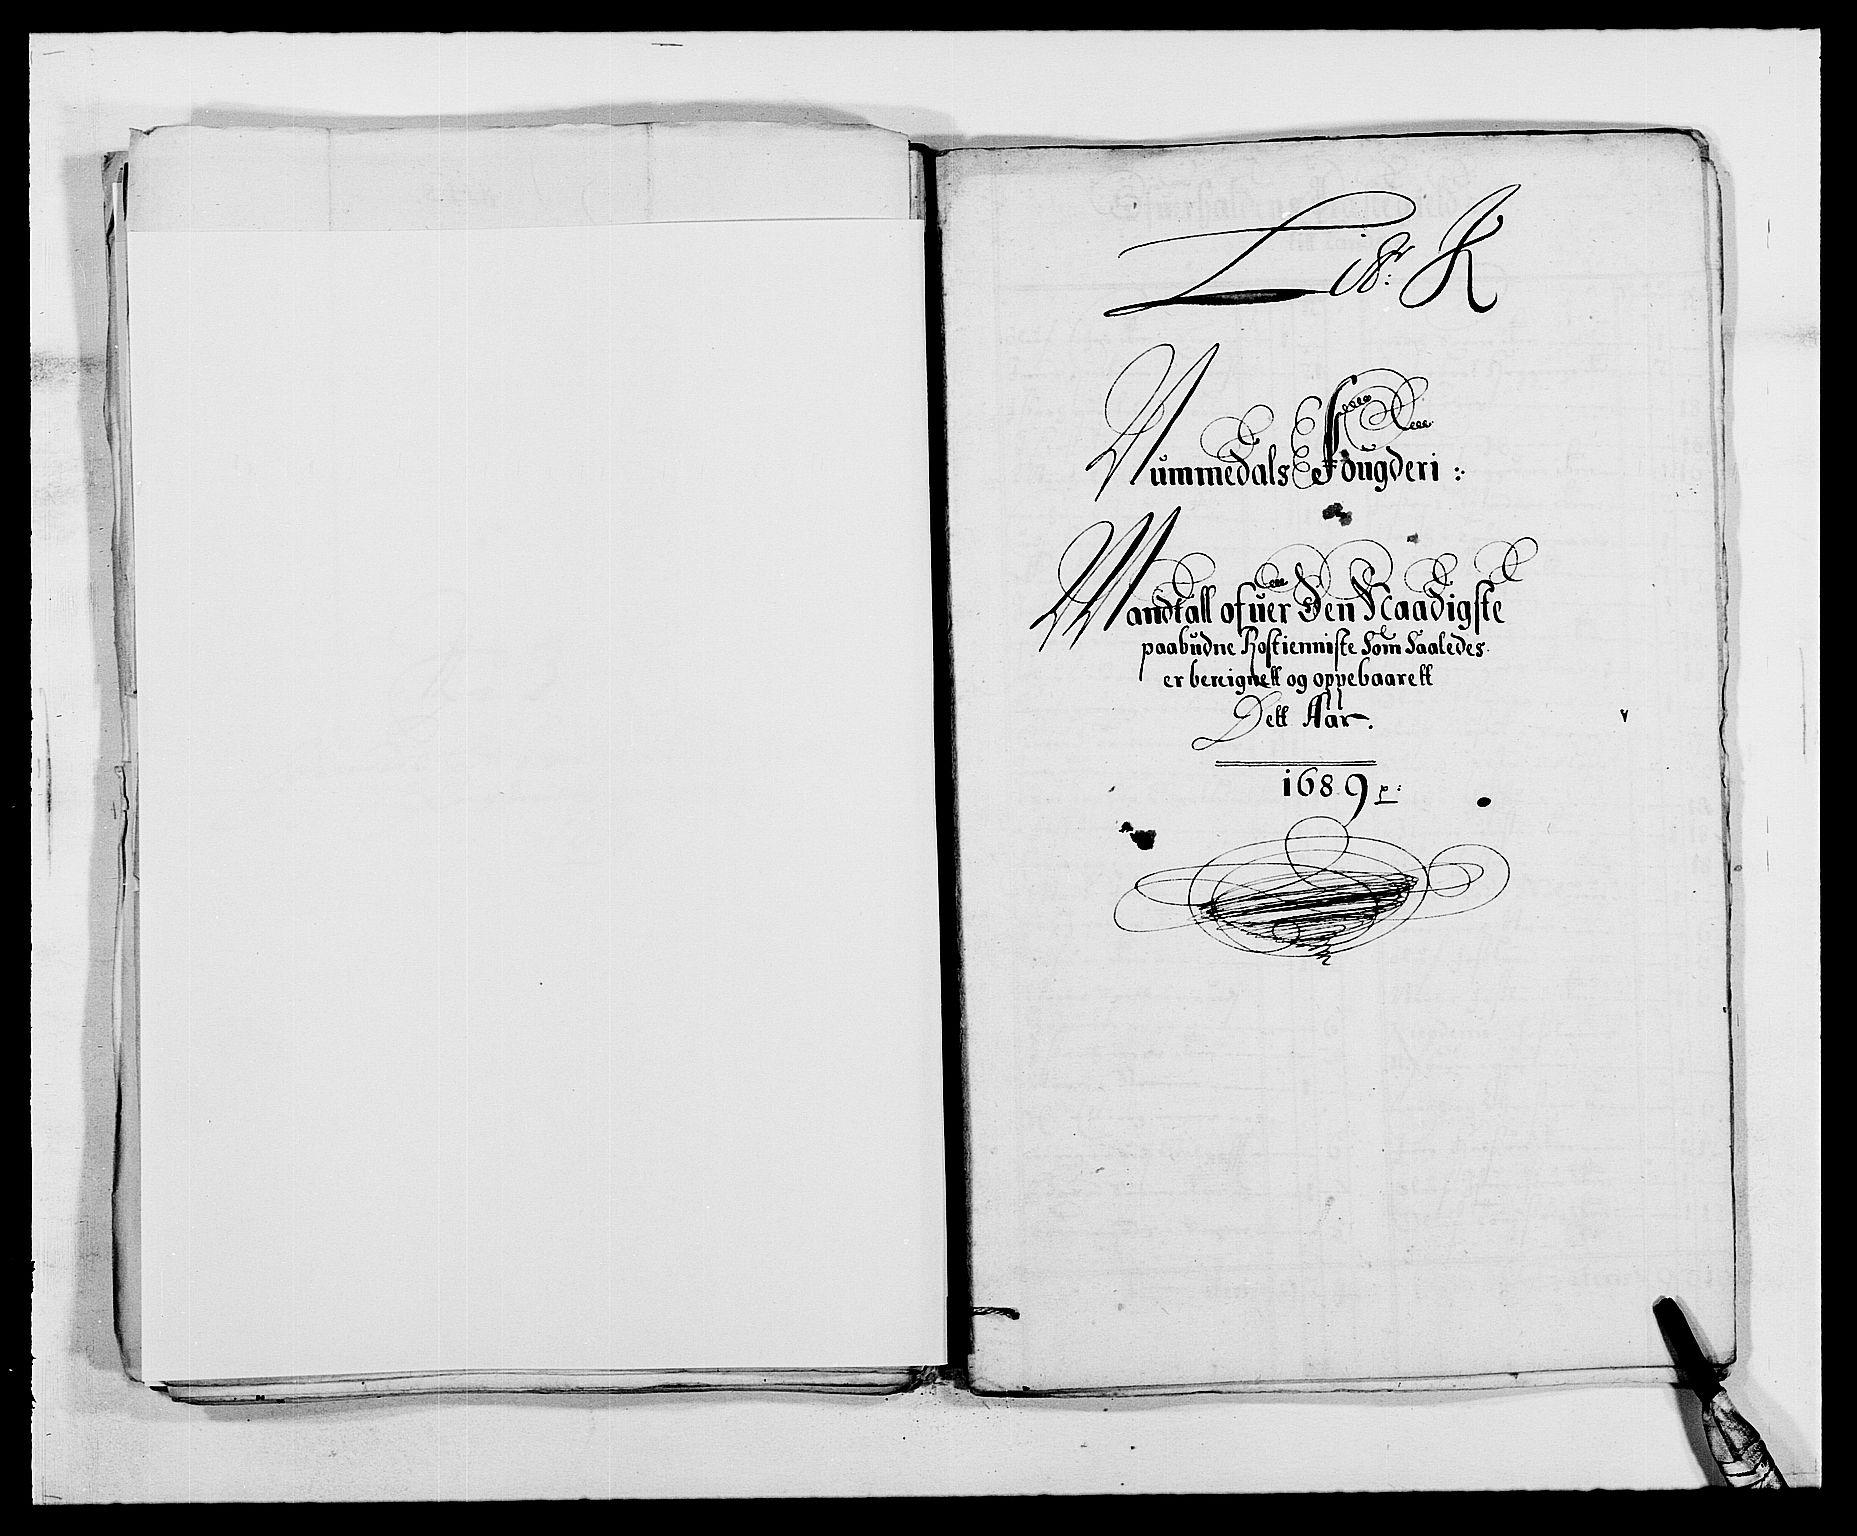 RA, Rentekammeret inntil 1814, Reviderte regnskaper, Fogderegnskap, R64/L4422: Fogderegnskap Namdal, 1687-1689, s. 249